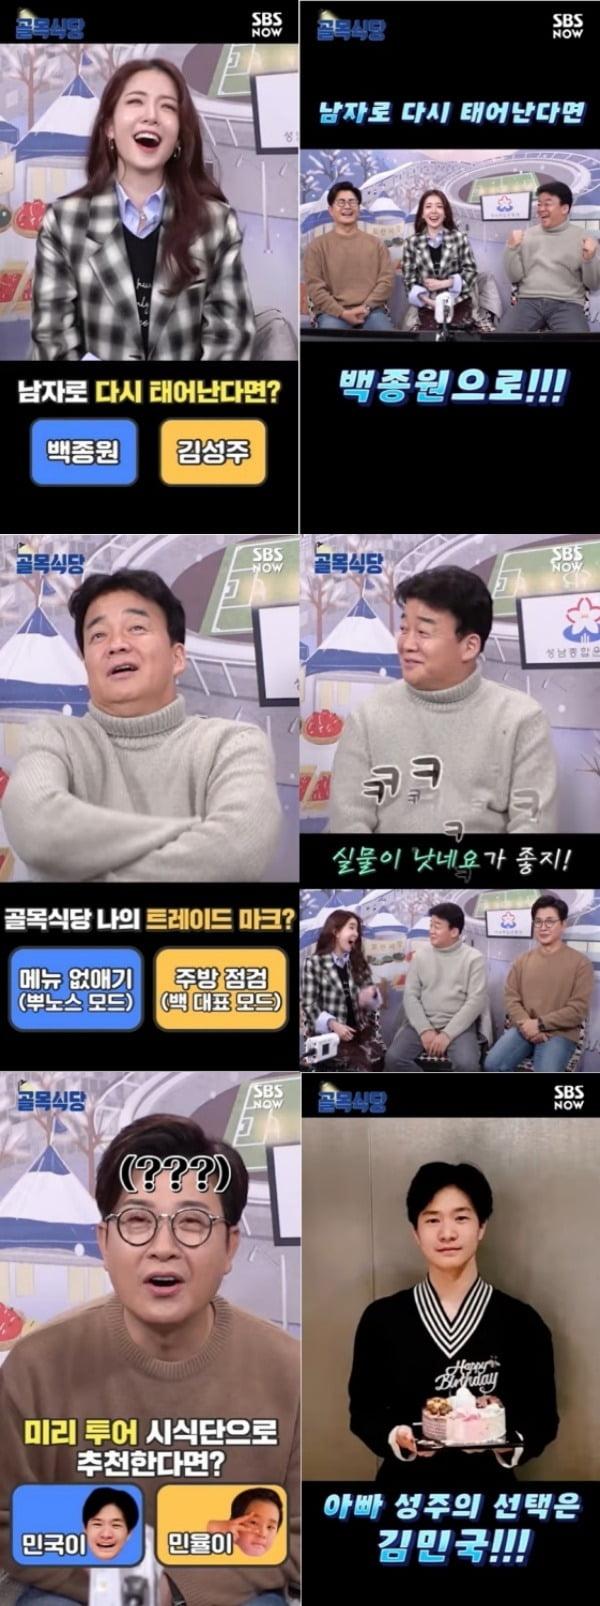 '골목식당' 밸런스게임./사진제공=SBS NOW